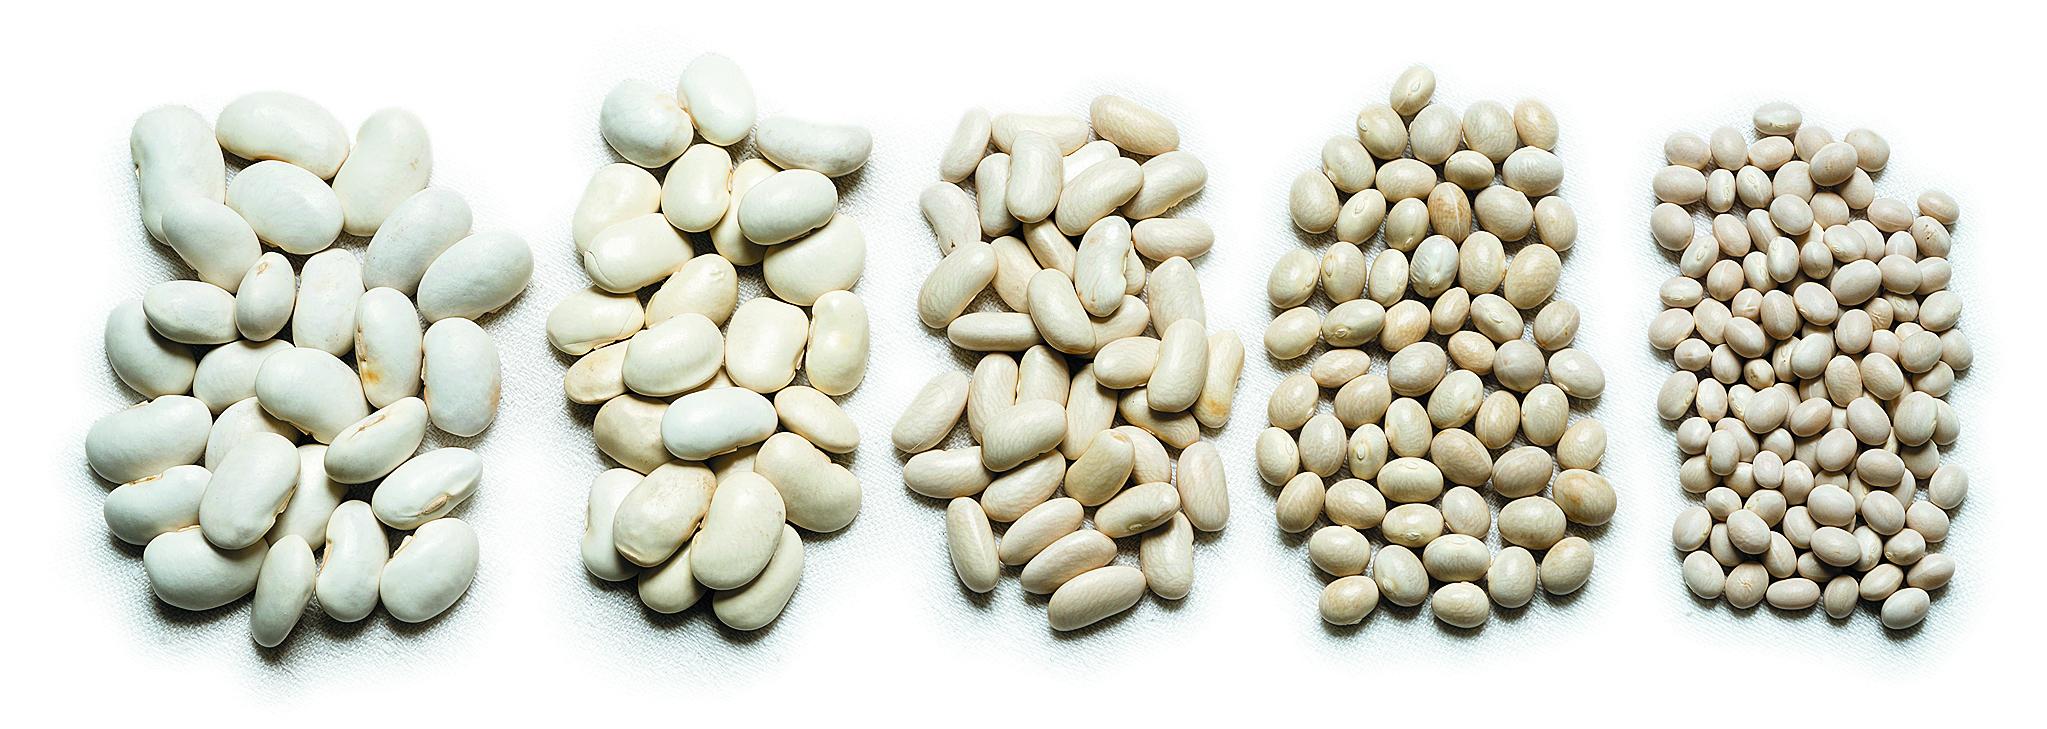 Arī baltās pupiņas ir vairāku veidu – atšķirīgas gan pēc formas, gan pēc garšas īpašībām.